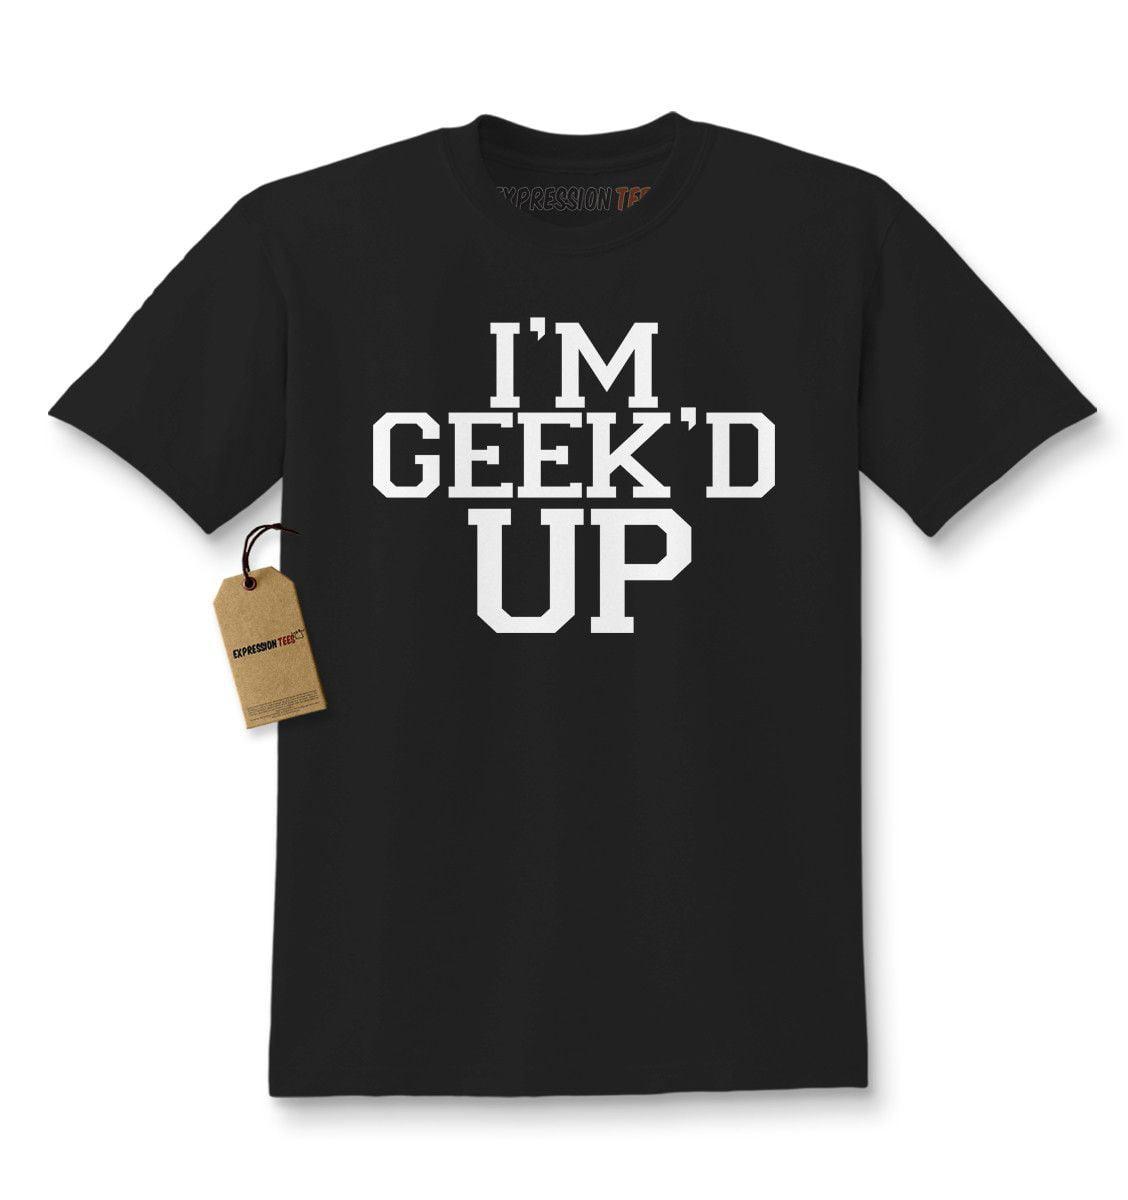 I'm Geek'd Up Geeked  Kids T-shirt